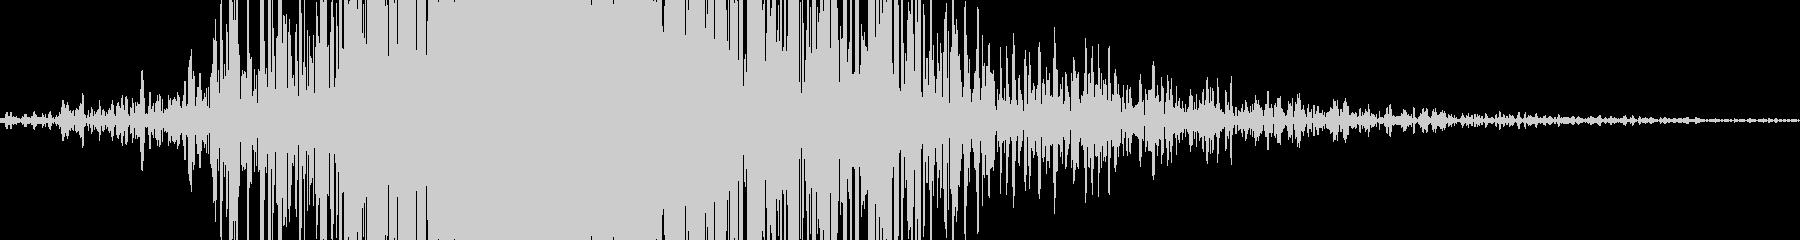 ビュン 風切り音 スイング音  (低め)の未再生の波形